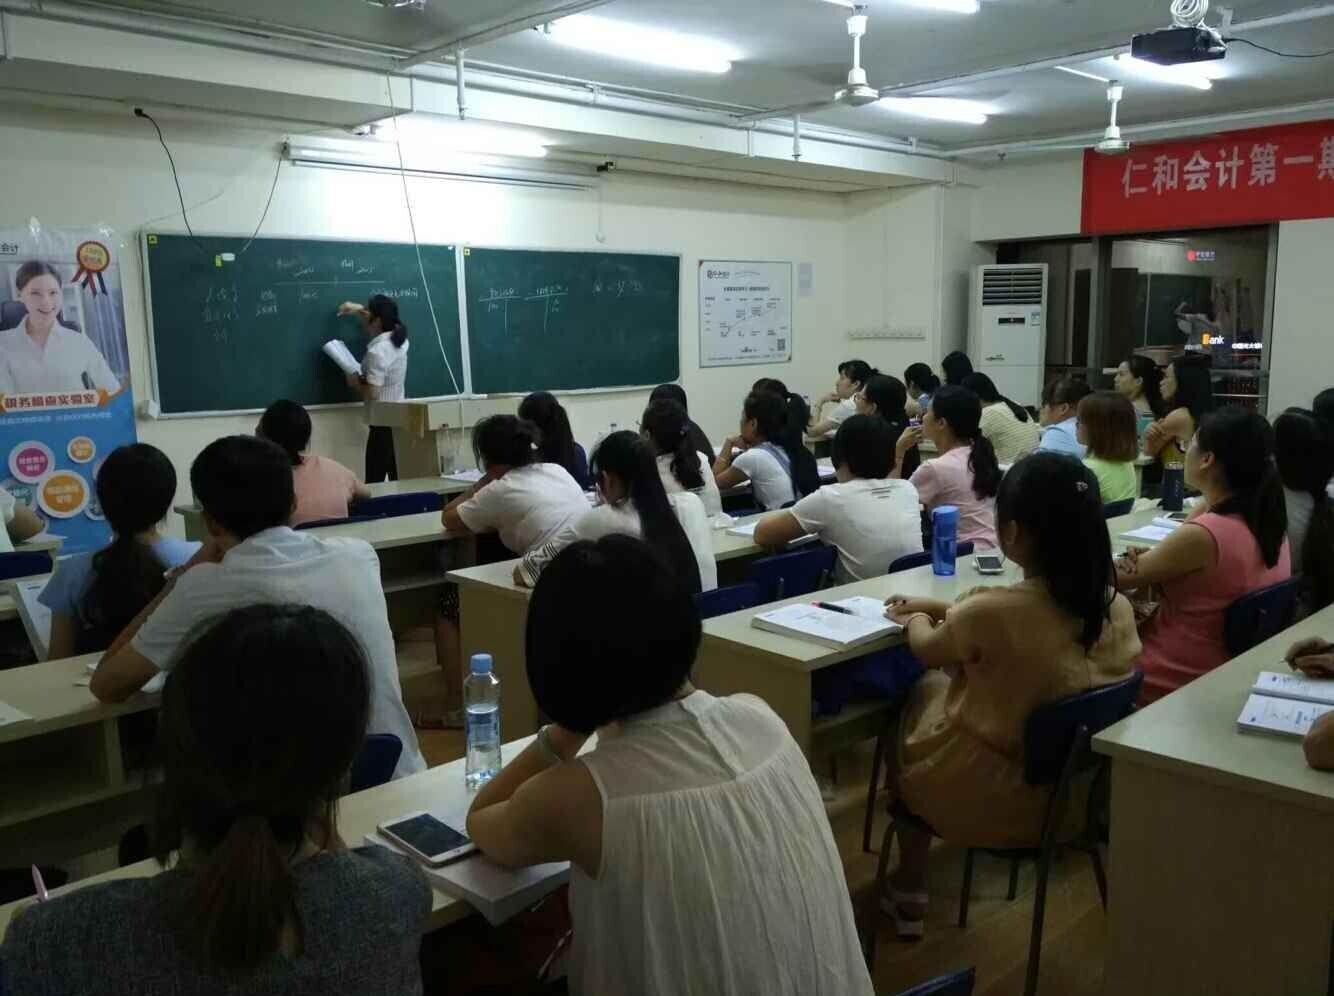 黄石会计初级考证 免费试听考证班